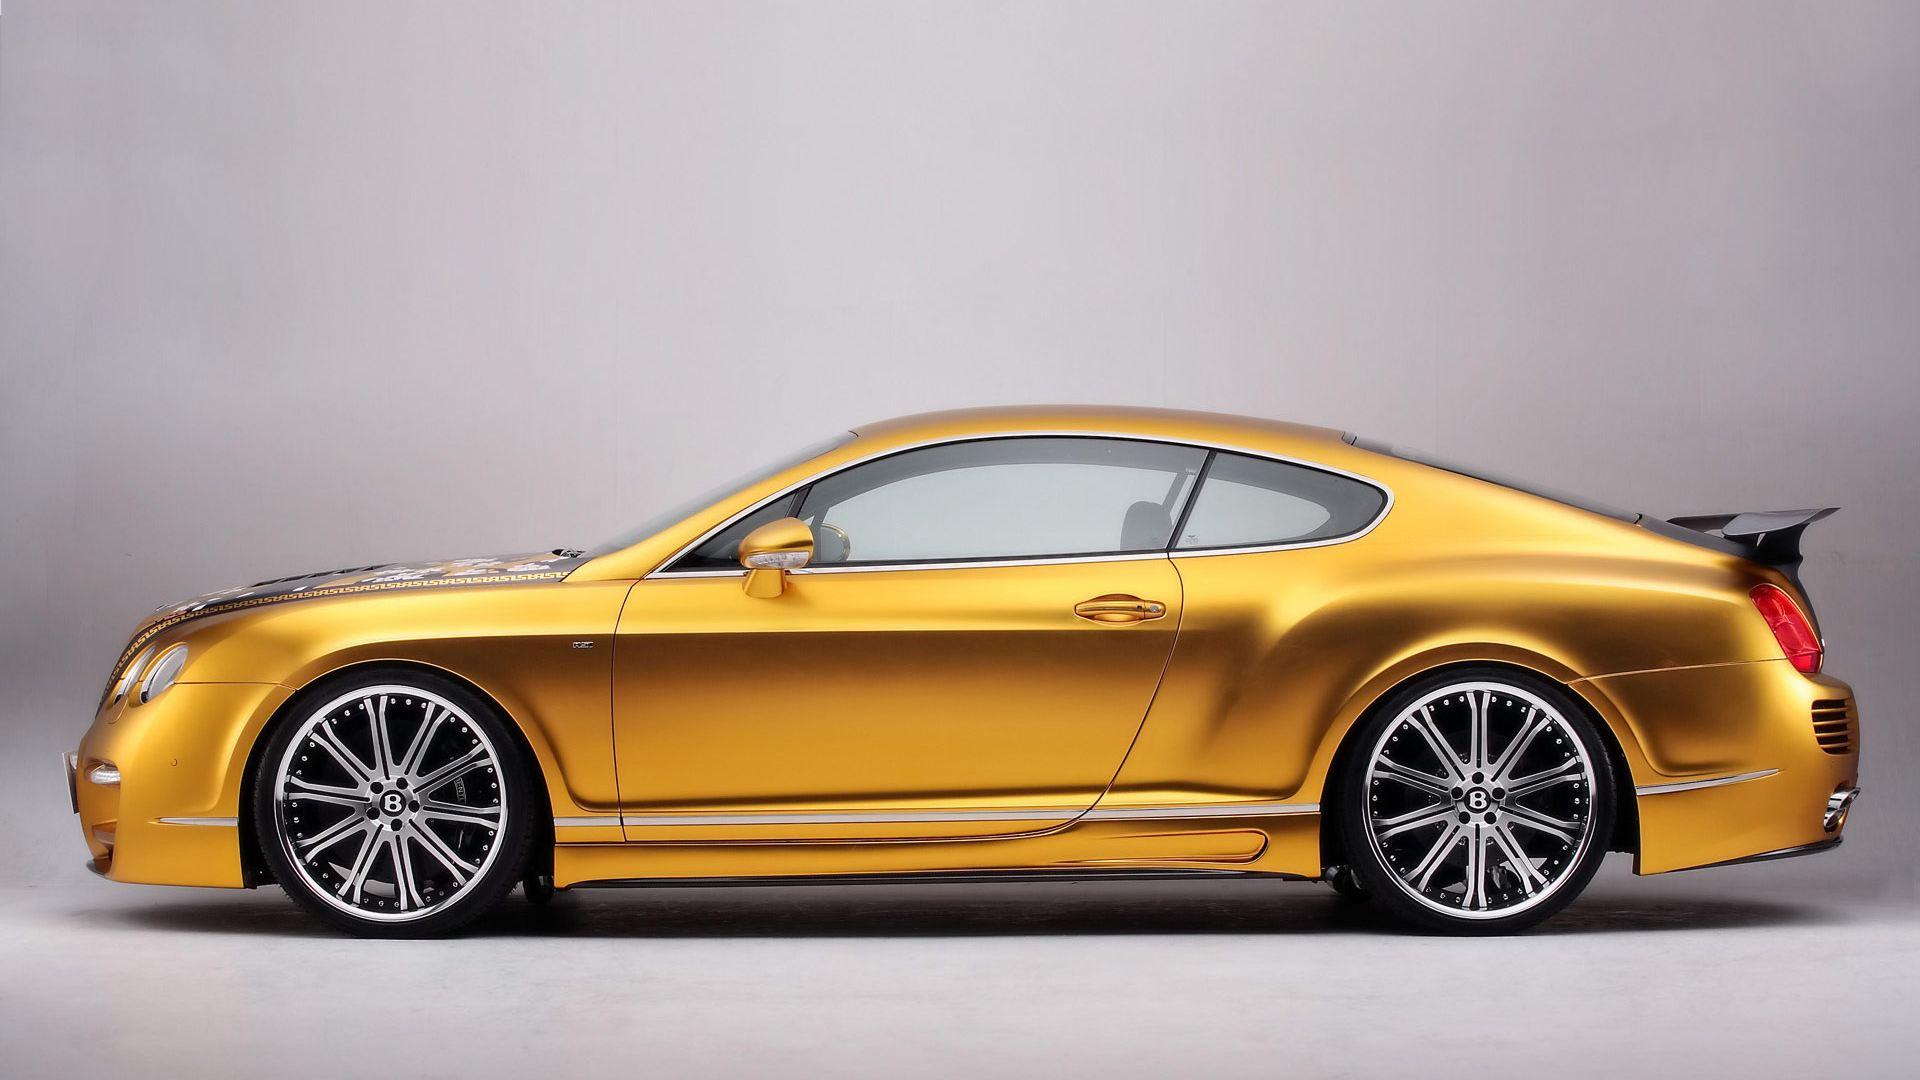 золотая машина, скачать фото, gold car, машина из золота, обои для рабочего стола